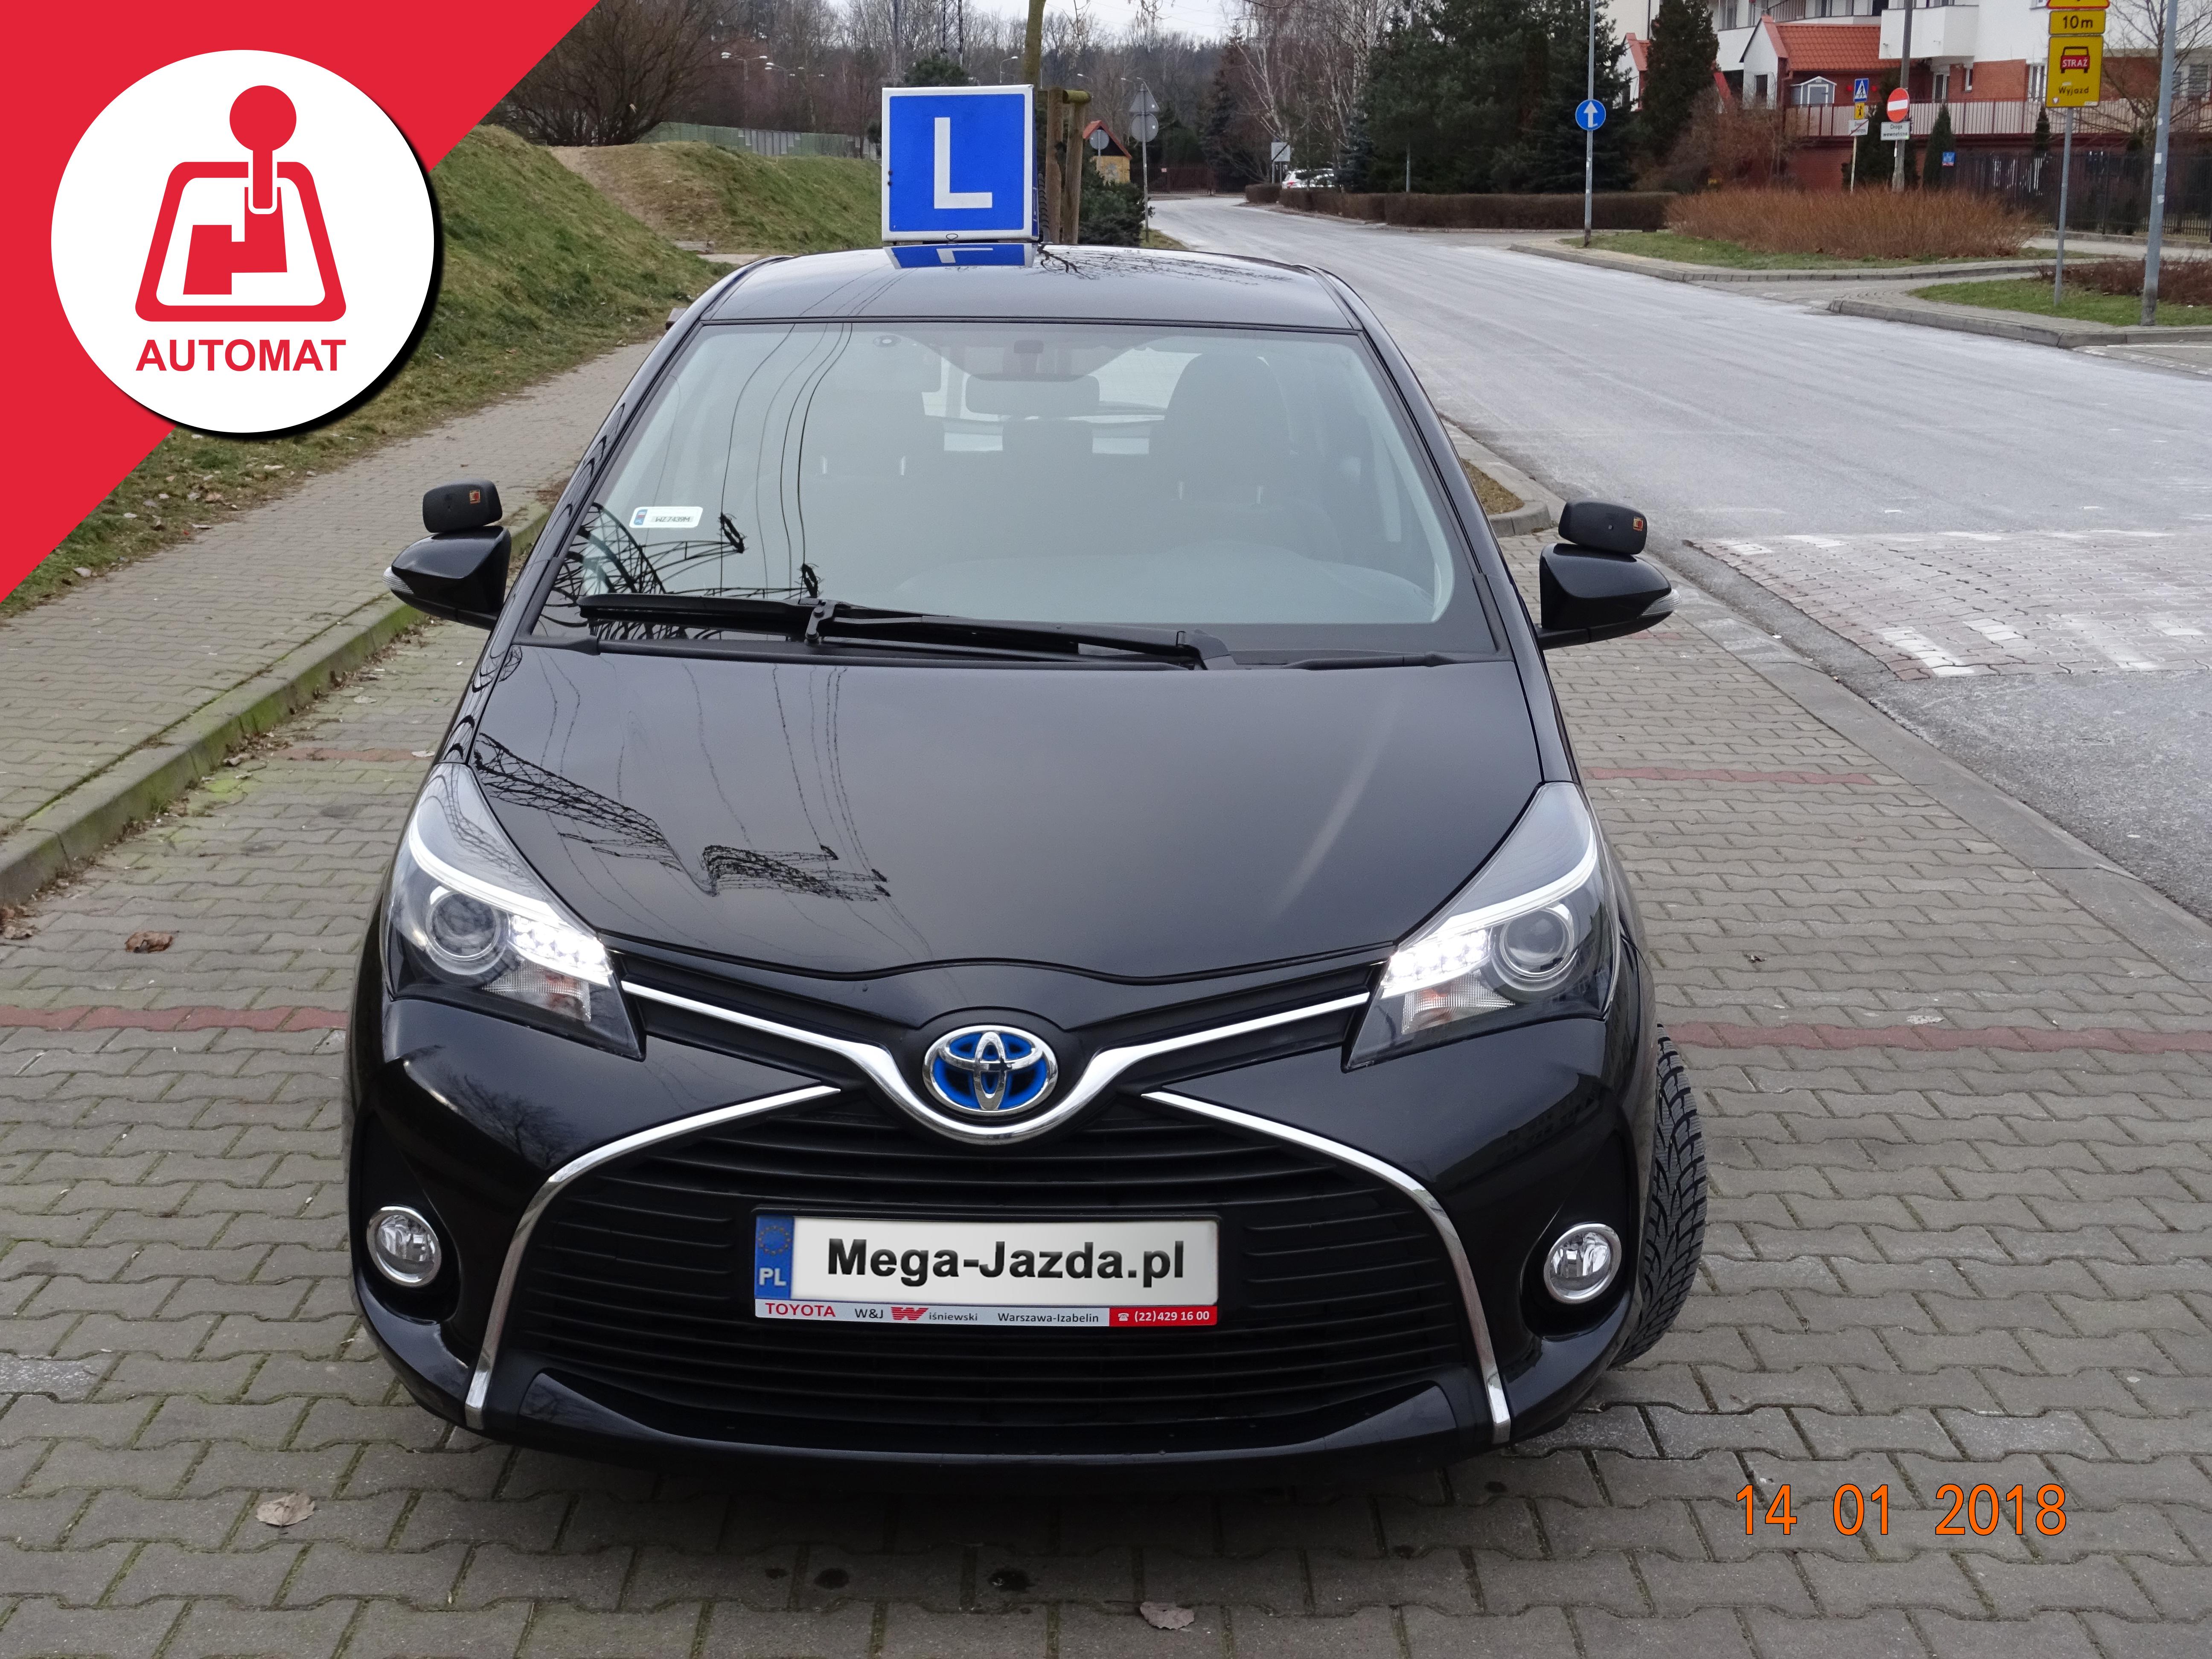 ToyotaYaris_Hybrid_Automat_nauka-jazdy-Warszawa_2